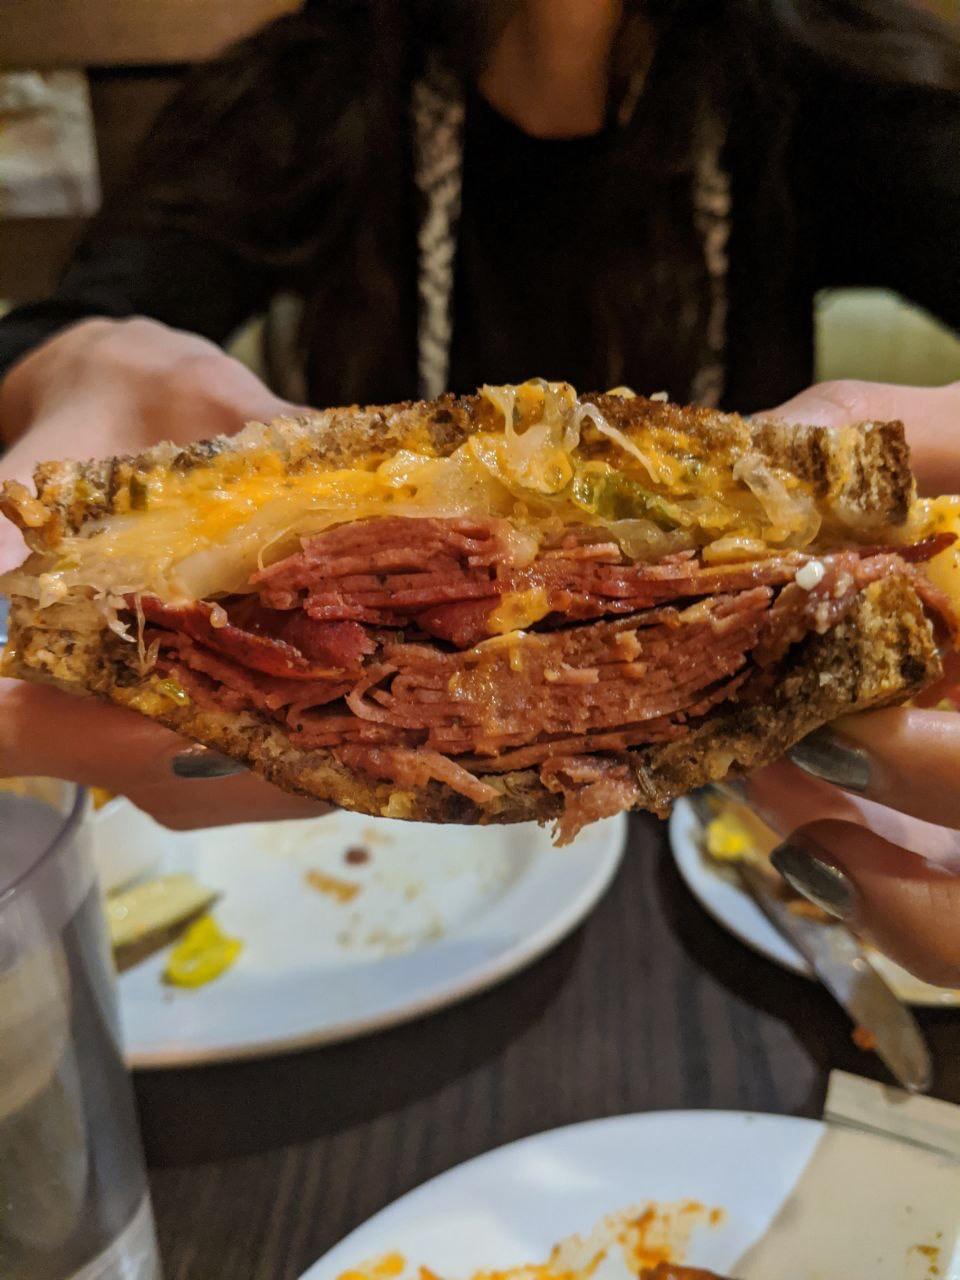 Chicago Diner's Radical Reuben